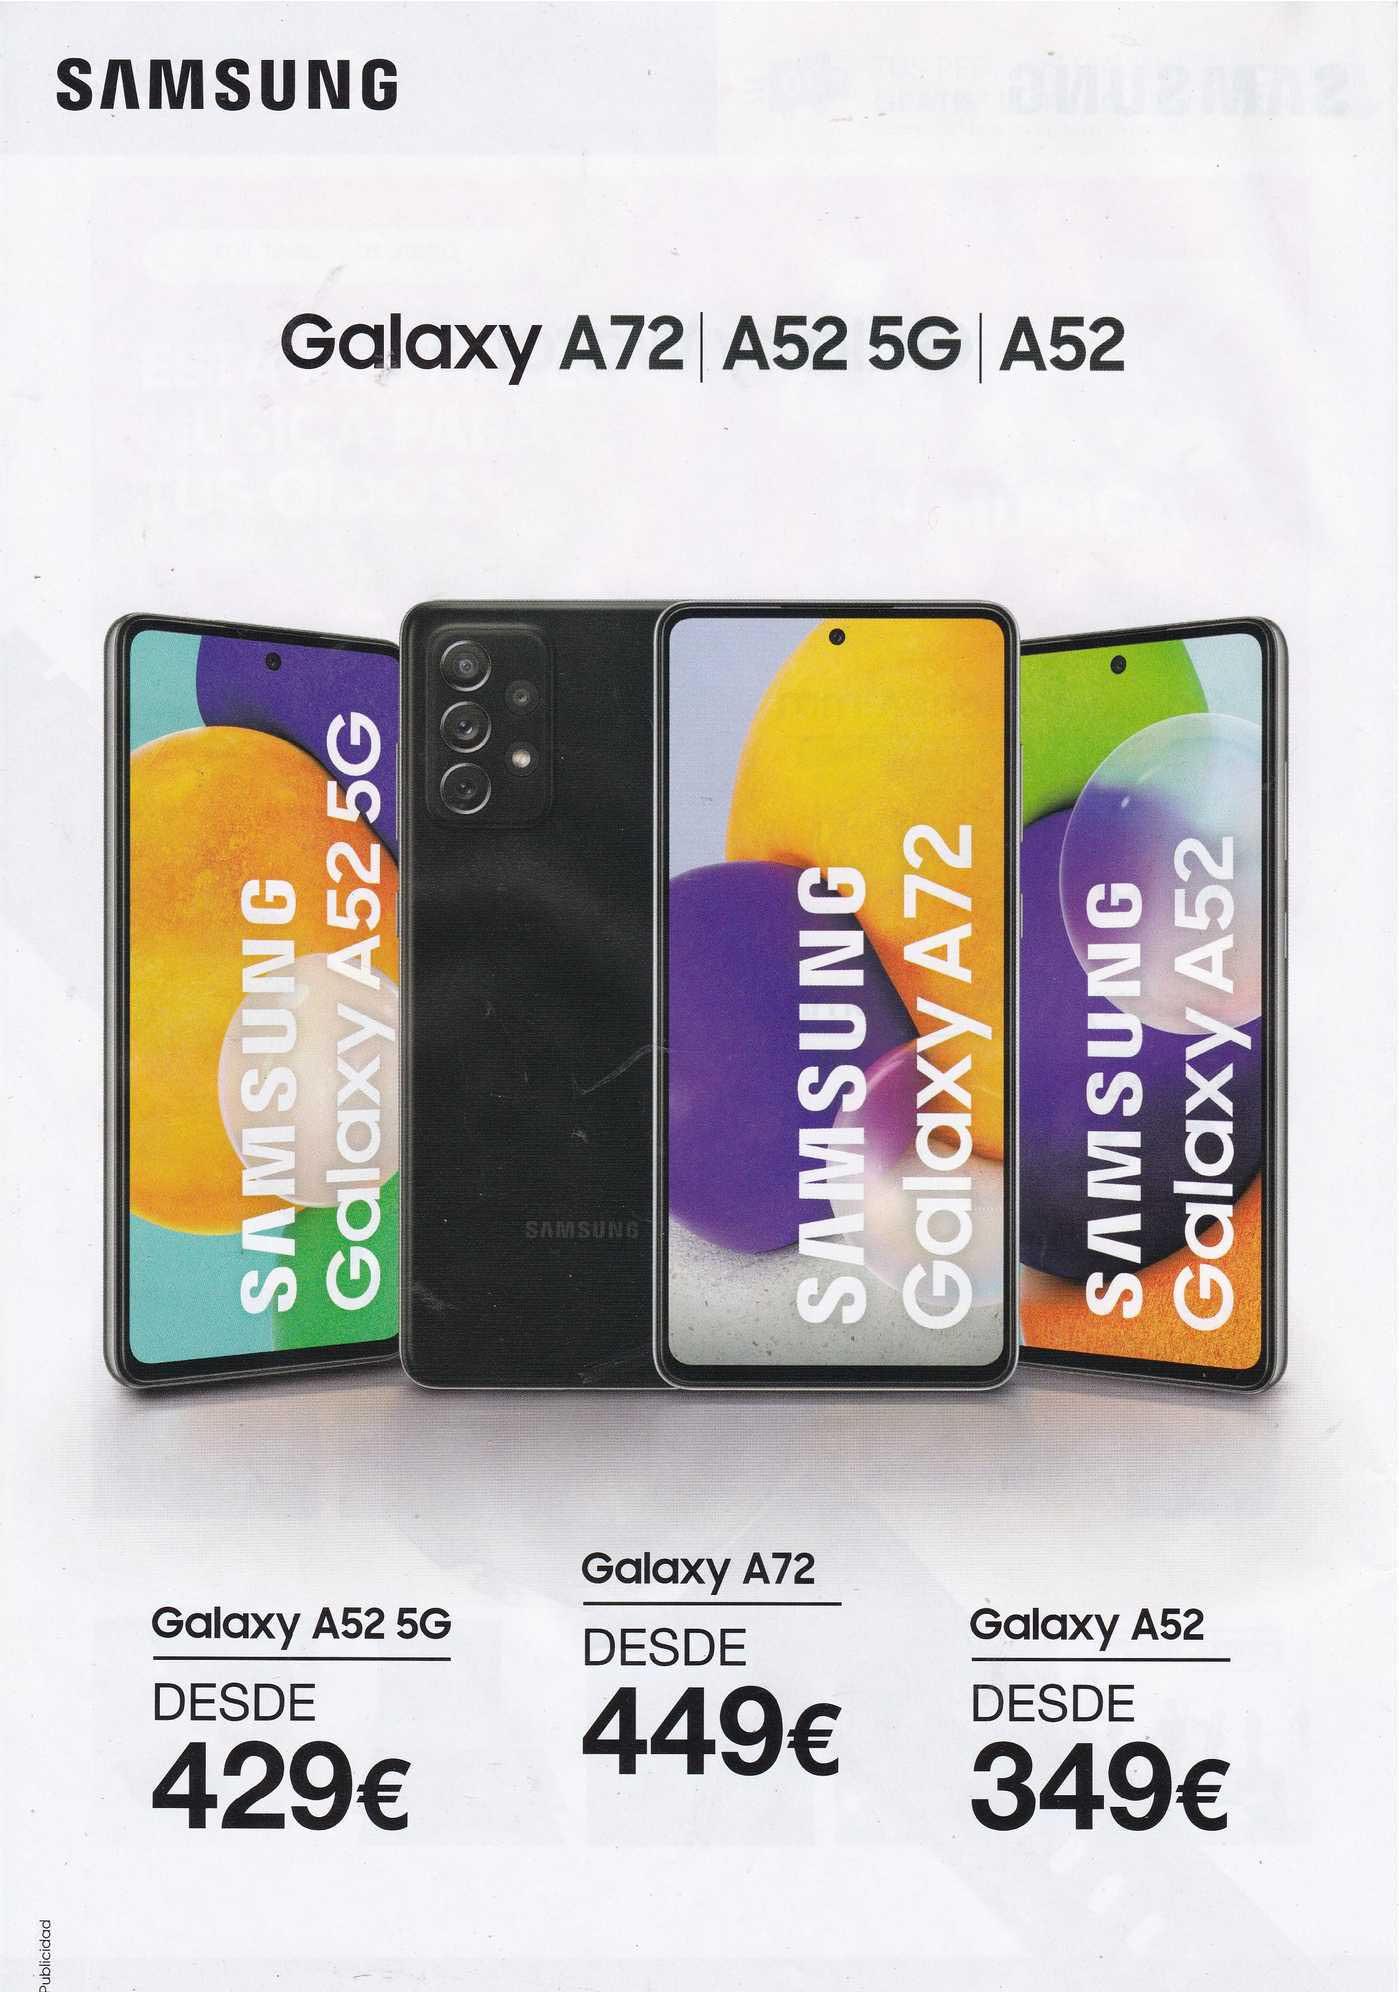 Fnac Samsung Galaxy A52 5g Galaxy A72 Galaxy A52